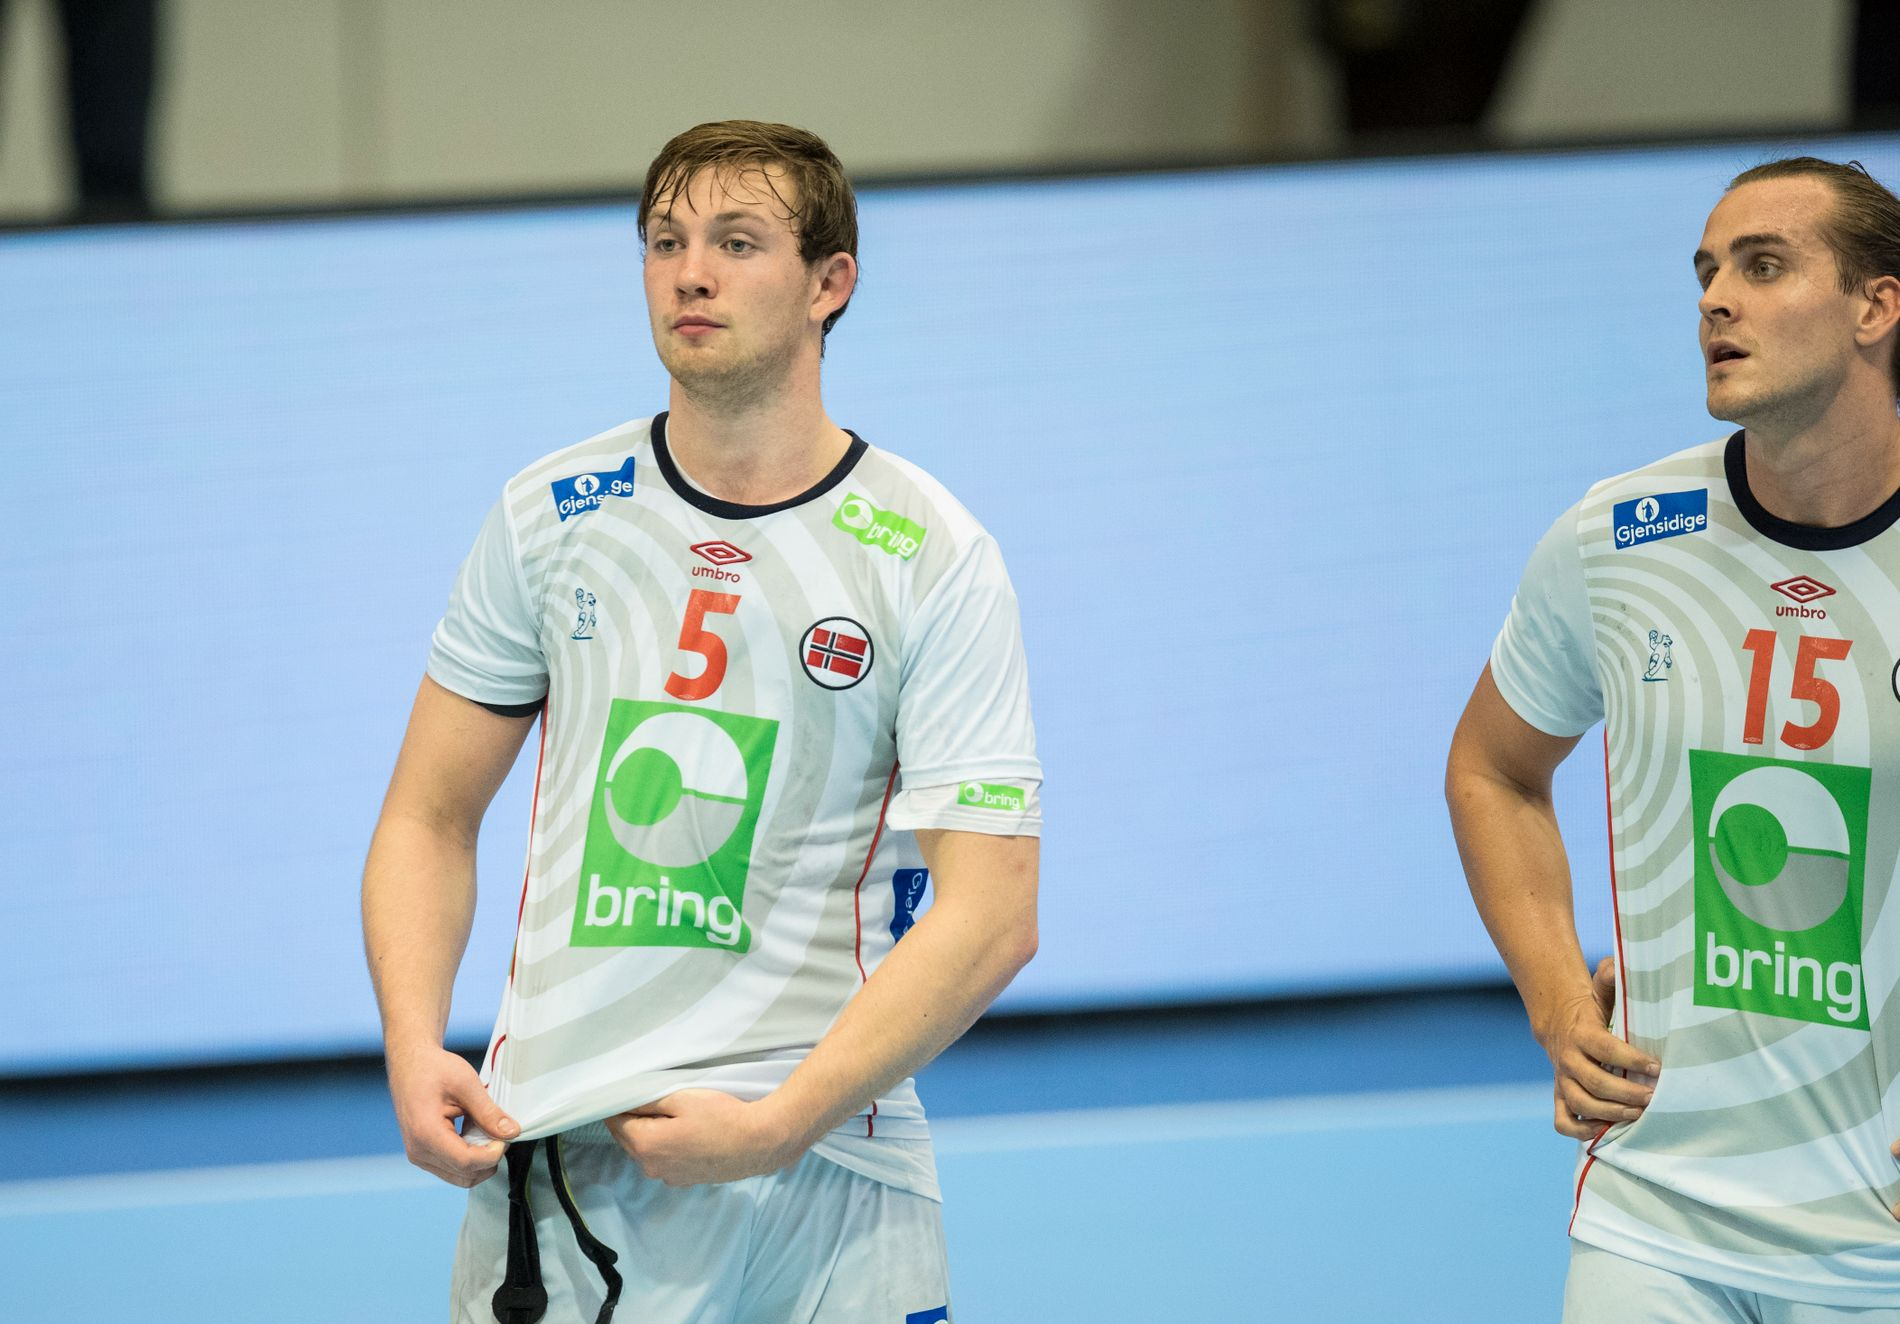 SLO LAGKAMERATEN: Sander Sagosen og  Kent Robin Tønnesen spiller sammen på landslaget. Søndag vant Sagosen i Champions League mot Tønnesen.